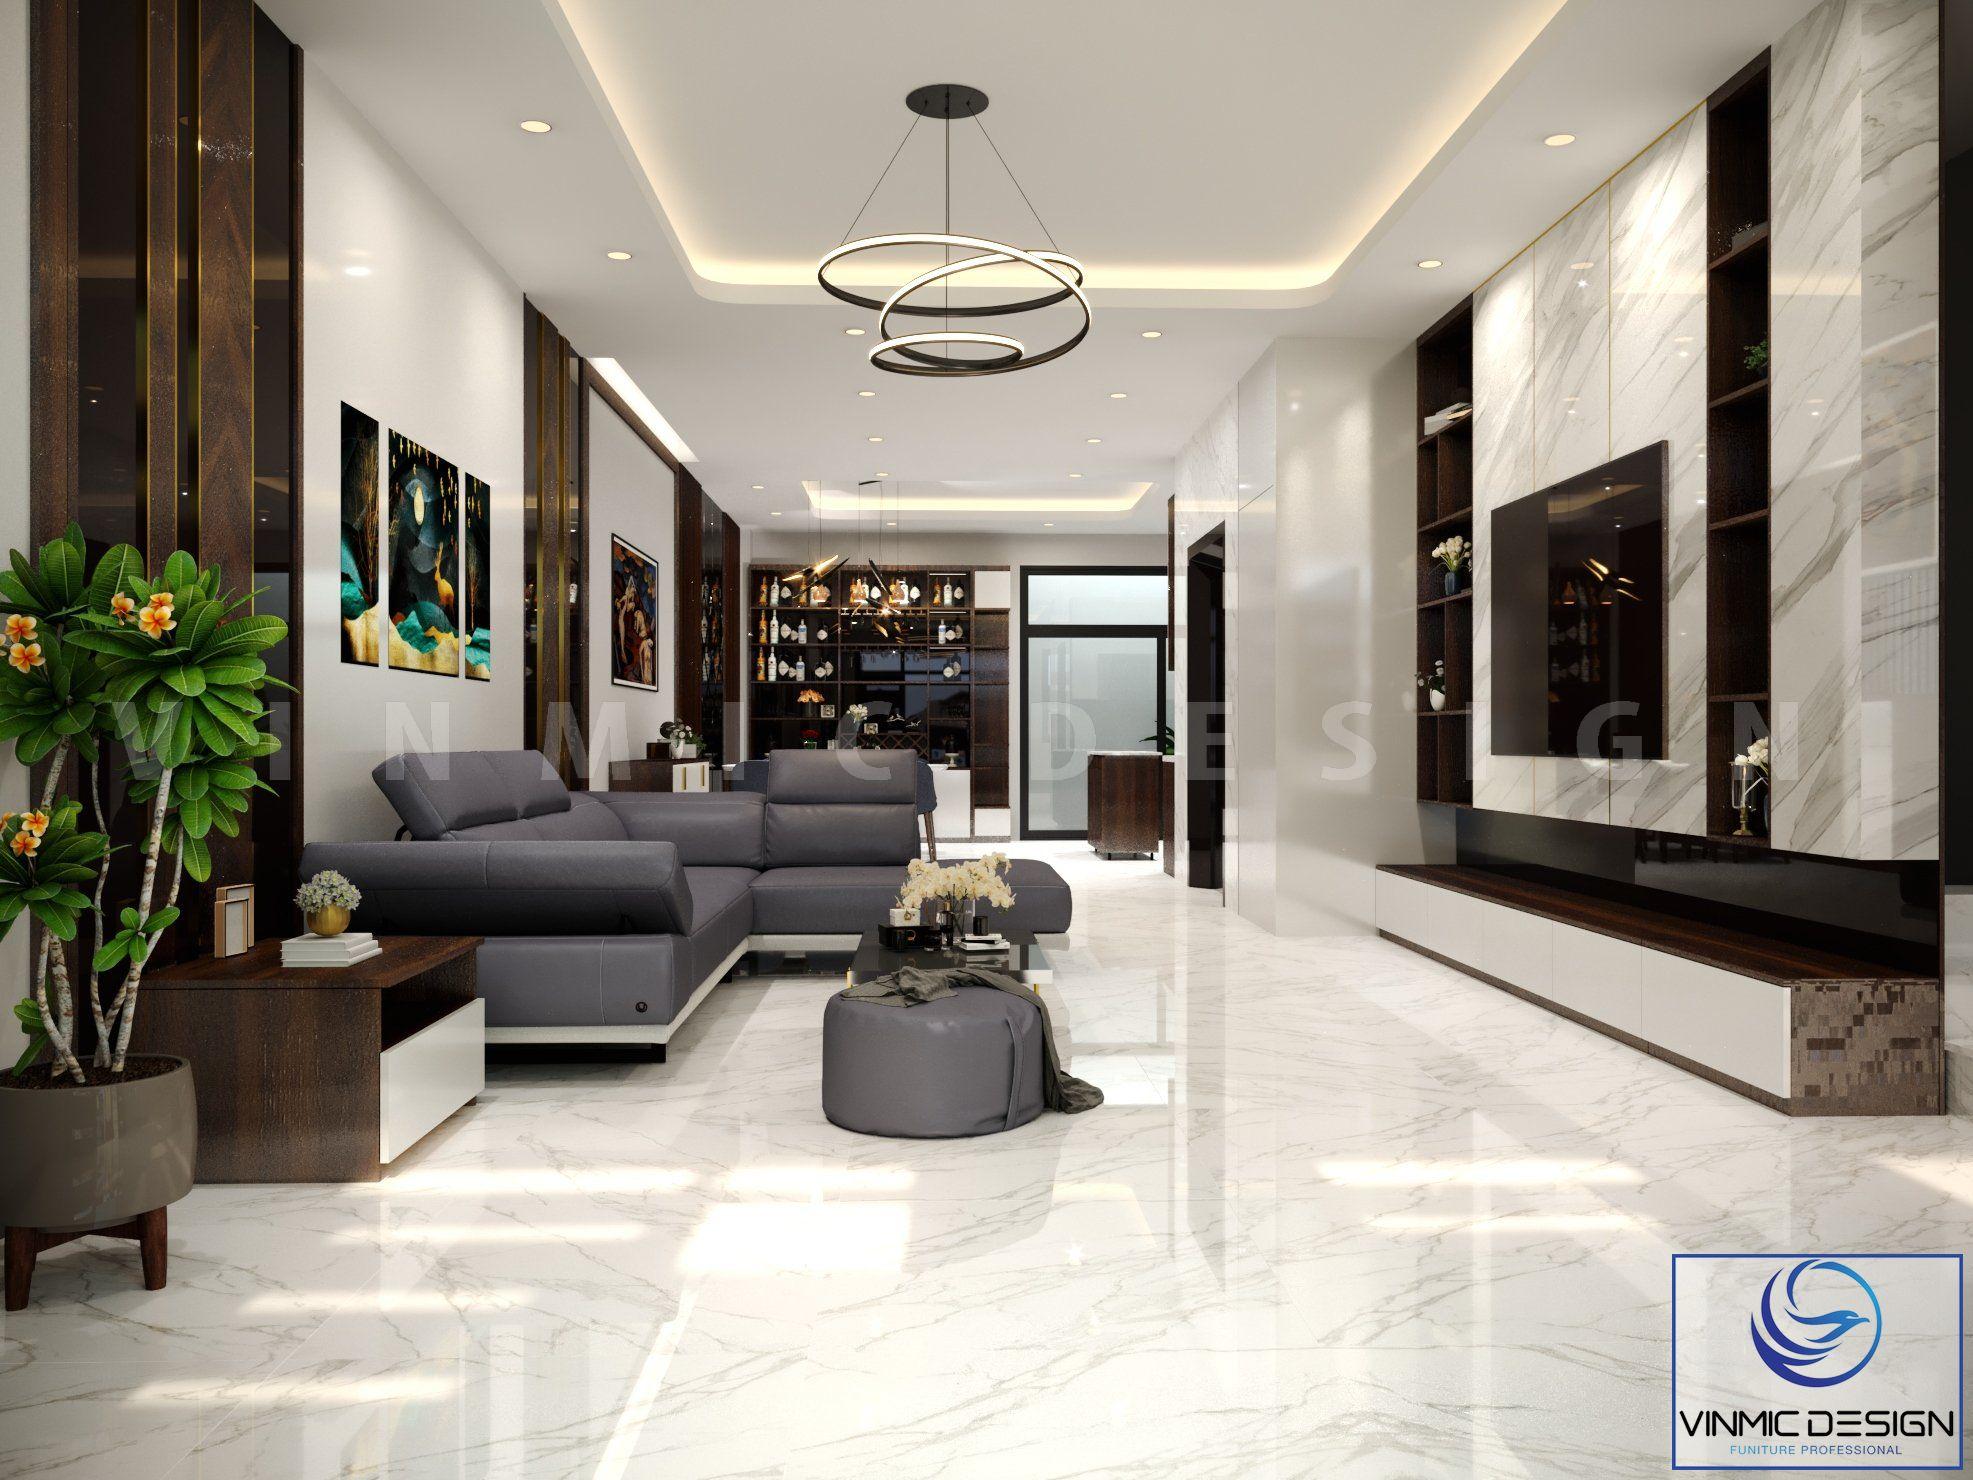 Thiết kế phòng khách nhà ở hiện đại thoáng mát